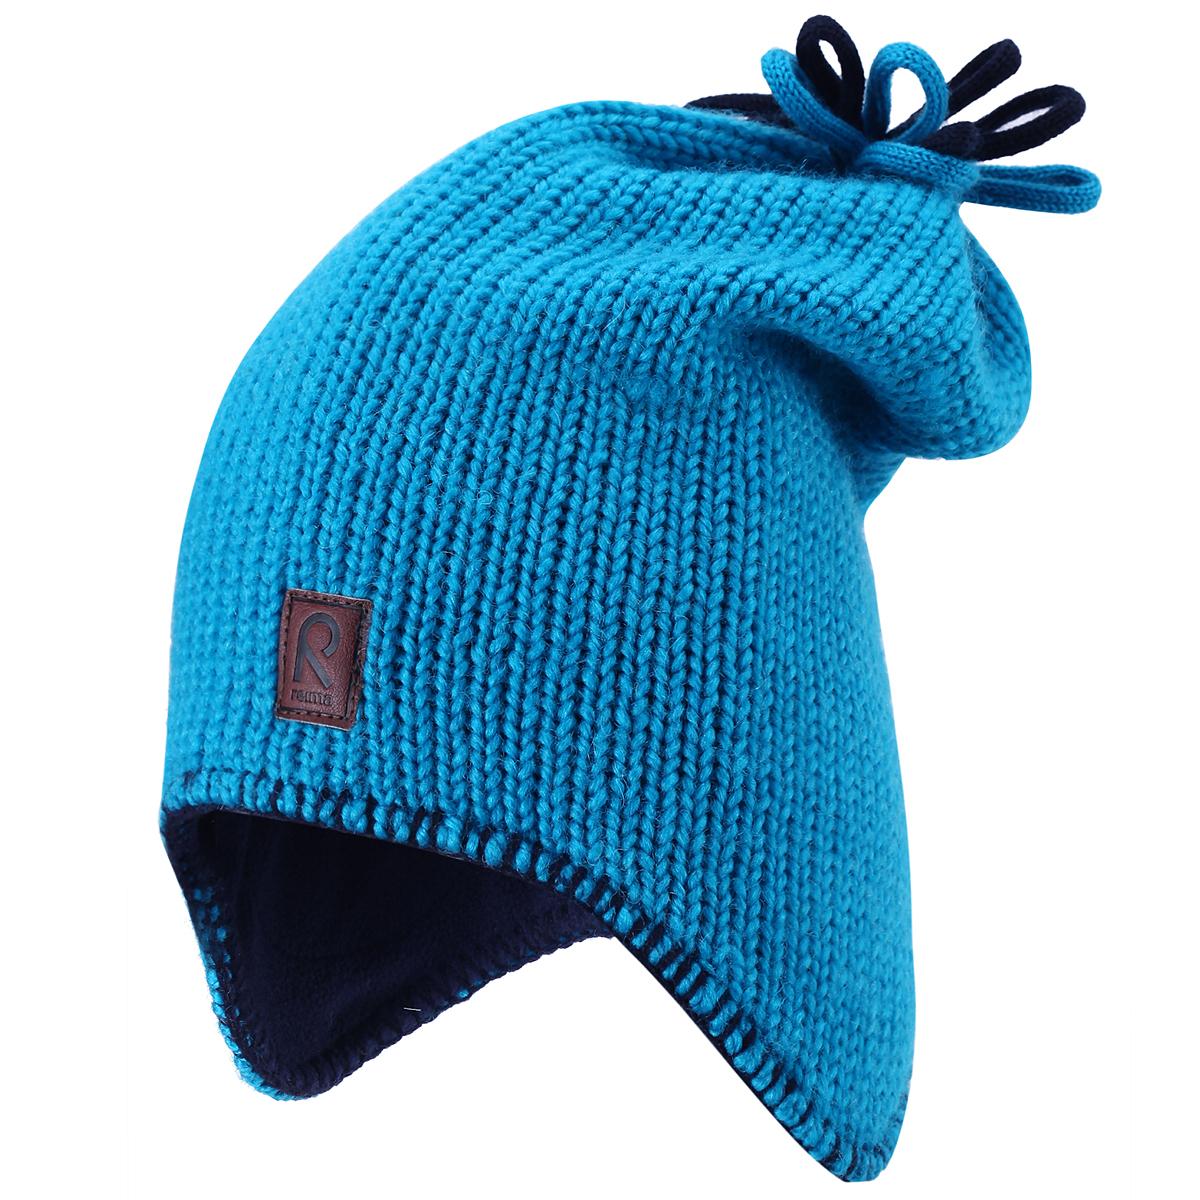 Шапка детская Reima Lodestar, цвет: бирюзовый, темно-синий. 528327-7890. Размер 46528327_7890Комфортная детская шапка Reima Lodestar идеально подойдет для прогулок в холодное время года.Вязаная шапка с ветрозащитными вставками в области ушей, выполненная из шерстяной пряжи, максимально сохраняет тепло, она мягкая и идеально прилегает к голове. Шерсть хорошо тянется и устойчива к сминанию. Мягкая подкладка выполнена из флиса, поэтому шапка хорошо сохраняет тепло и обладает отличной гигроскопичностью (не впитывает влагу, но проводит ее).Удлиненная шапка на макушке дополнена цветными декоративными петельками, оформлена по краю контрастной нитью и спереди небольшой нашивкой из искусственной кожи с названием бренда.Оригинальный дизайн и яркая расцветка делают эту шапку модным и стильным предметом детского гардероба. В ней ваш ребенок будет чувствовать себя уютно и комфортно и всегда будет в центре внимания! Уважаемые клиенты!Размер, доступный для заказа, является обхватом головы ребенка.